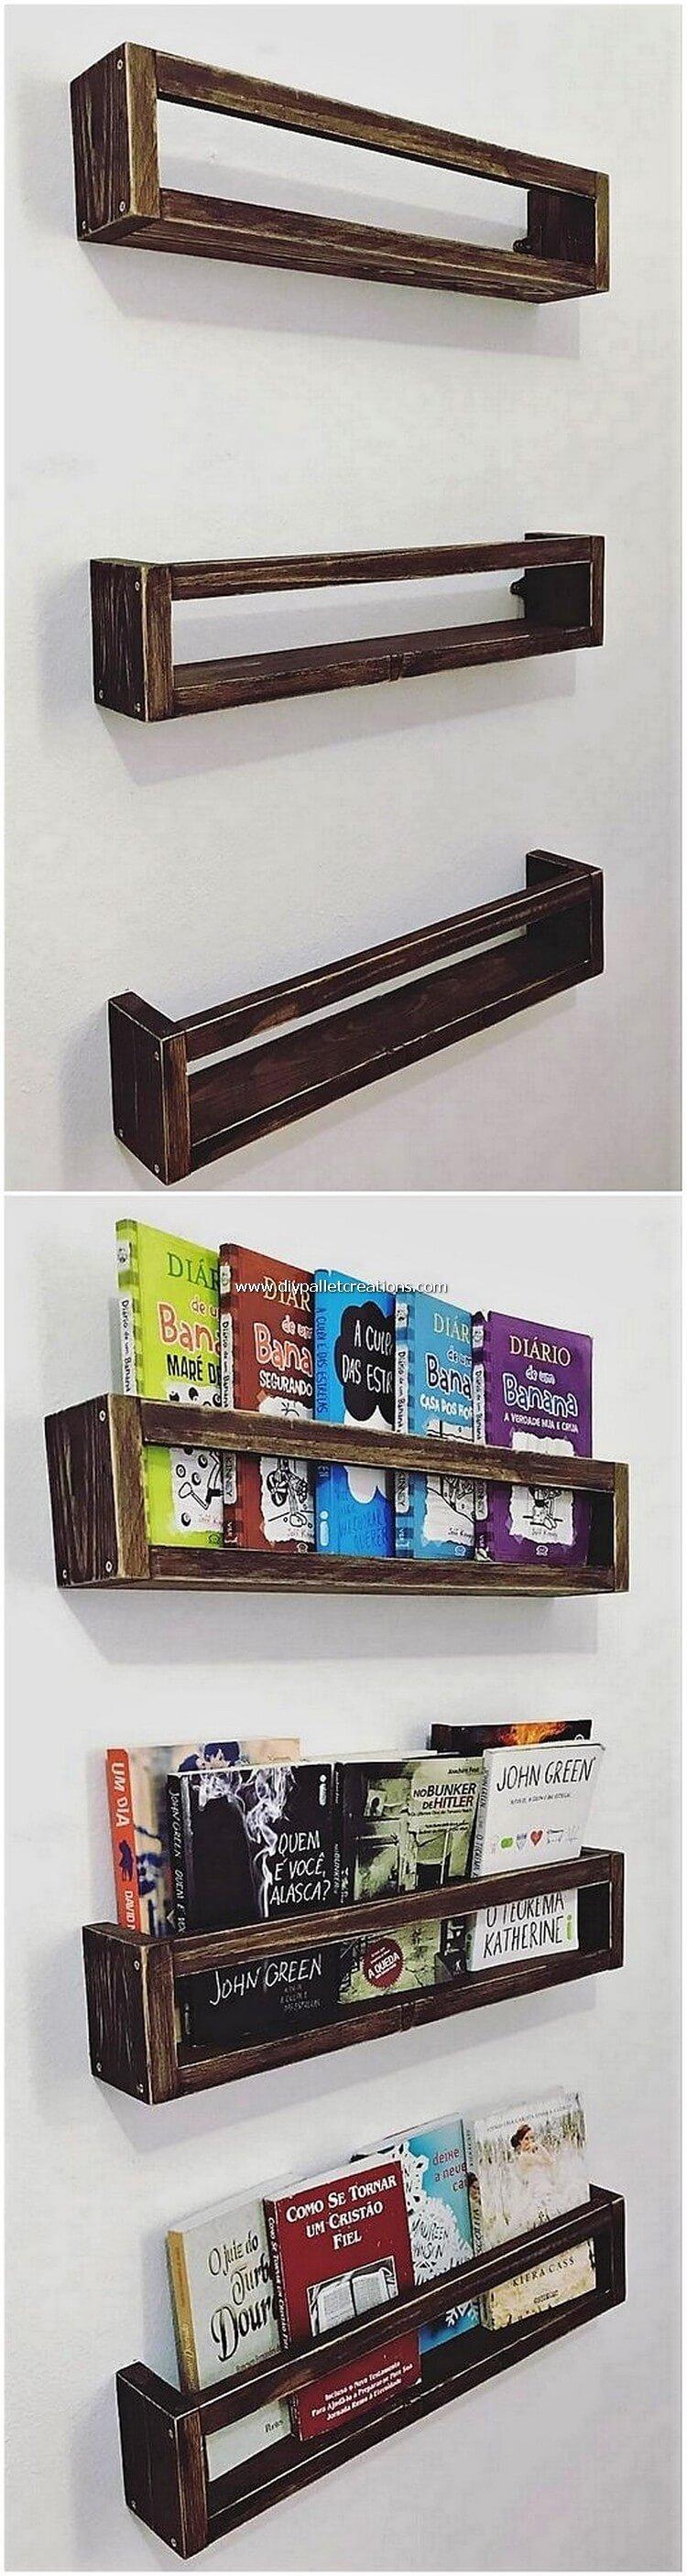 Wooden Pallet Wall Shelves